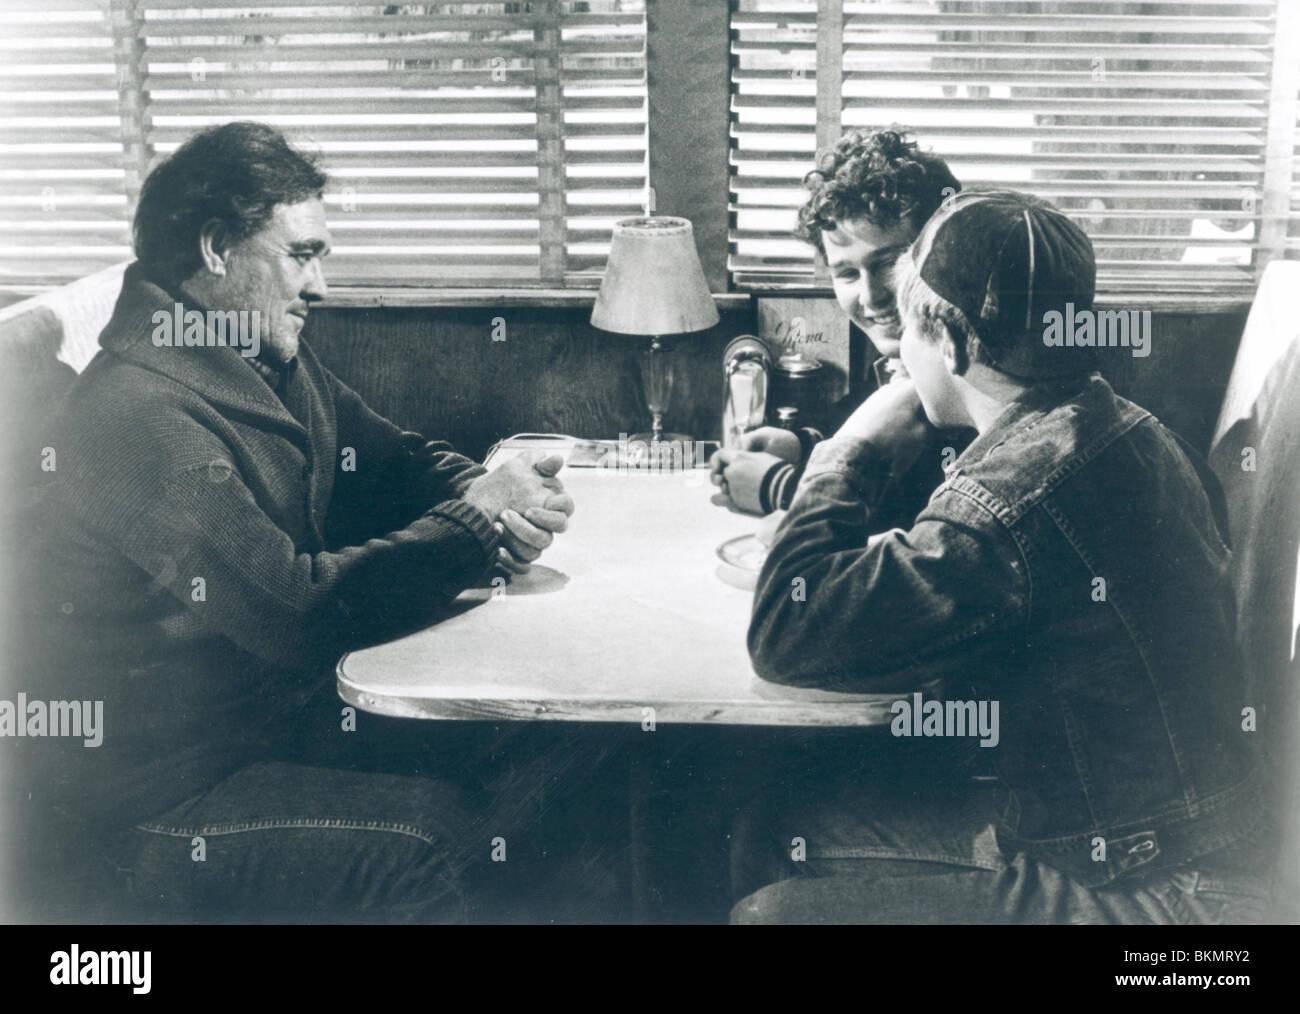 THE LAST PICTURE SHOW (1971) BEN JOHNSON LPSH 002P L - Stock Image